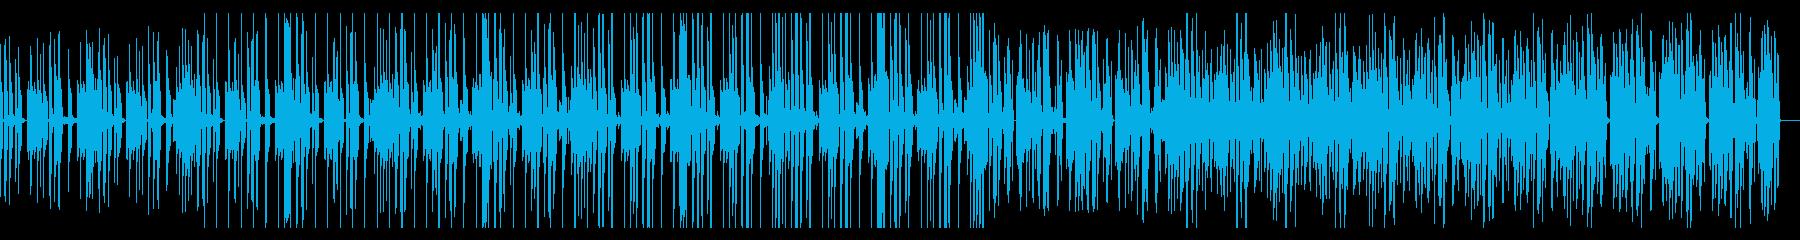 ミディアムダークなR&Bの再生済みの波形